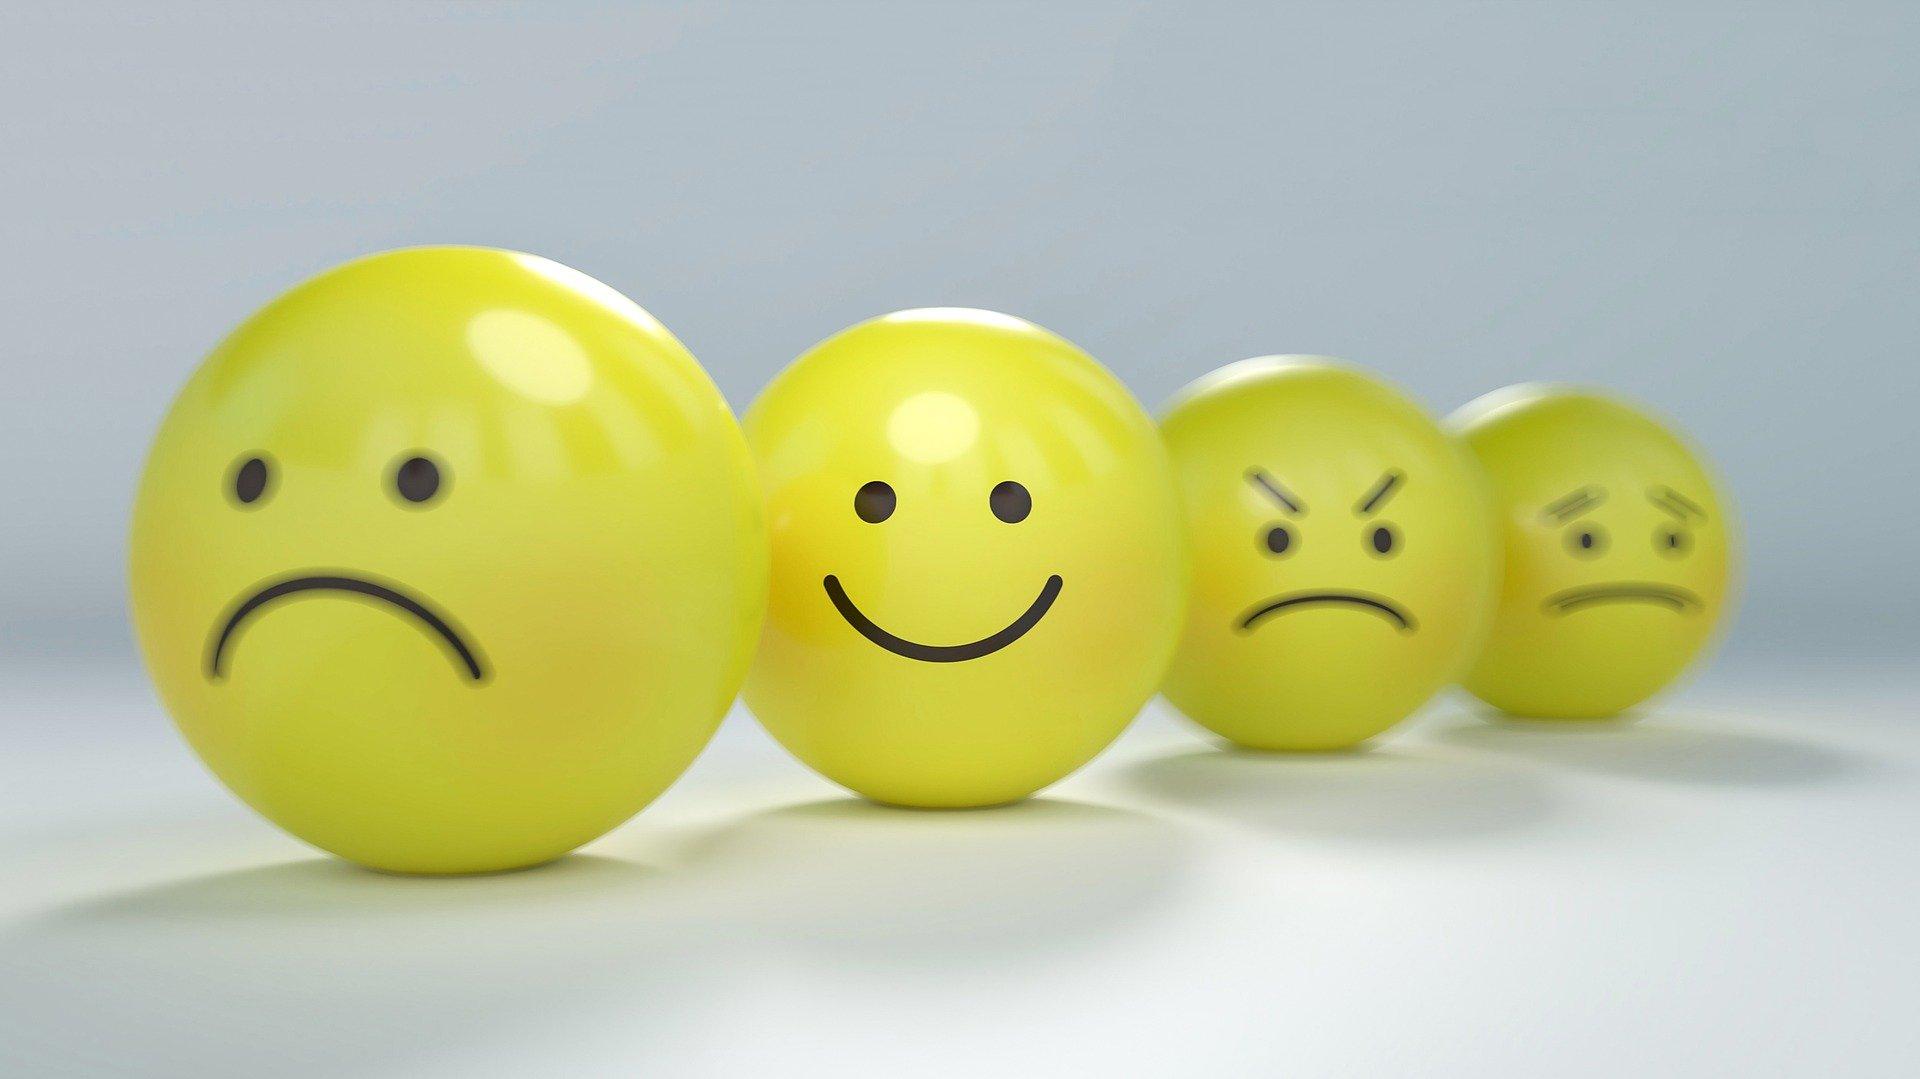 Trening Kontrolowania Złości, Agresji i Emocji Trudnych. Szkolenie online. 09.06,15.06, 16.06, 22.06.21 r.